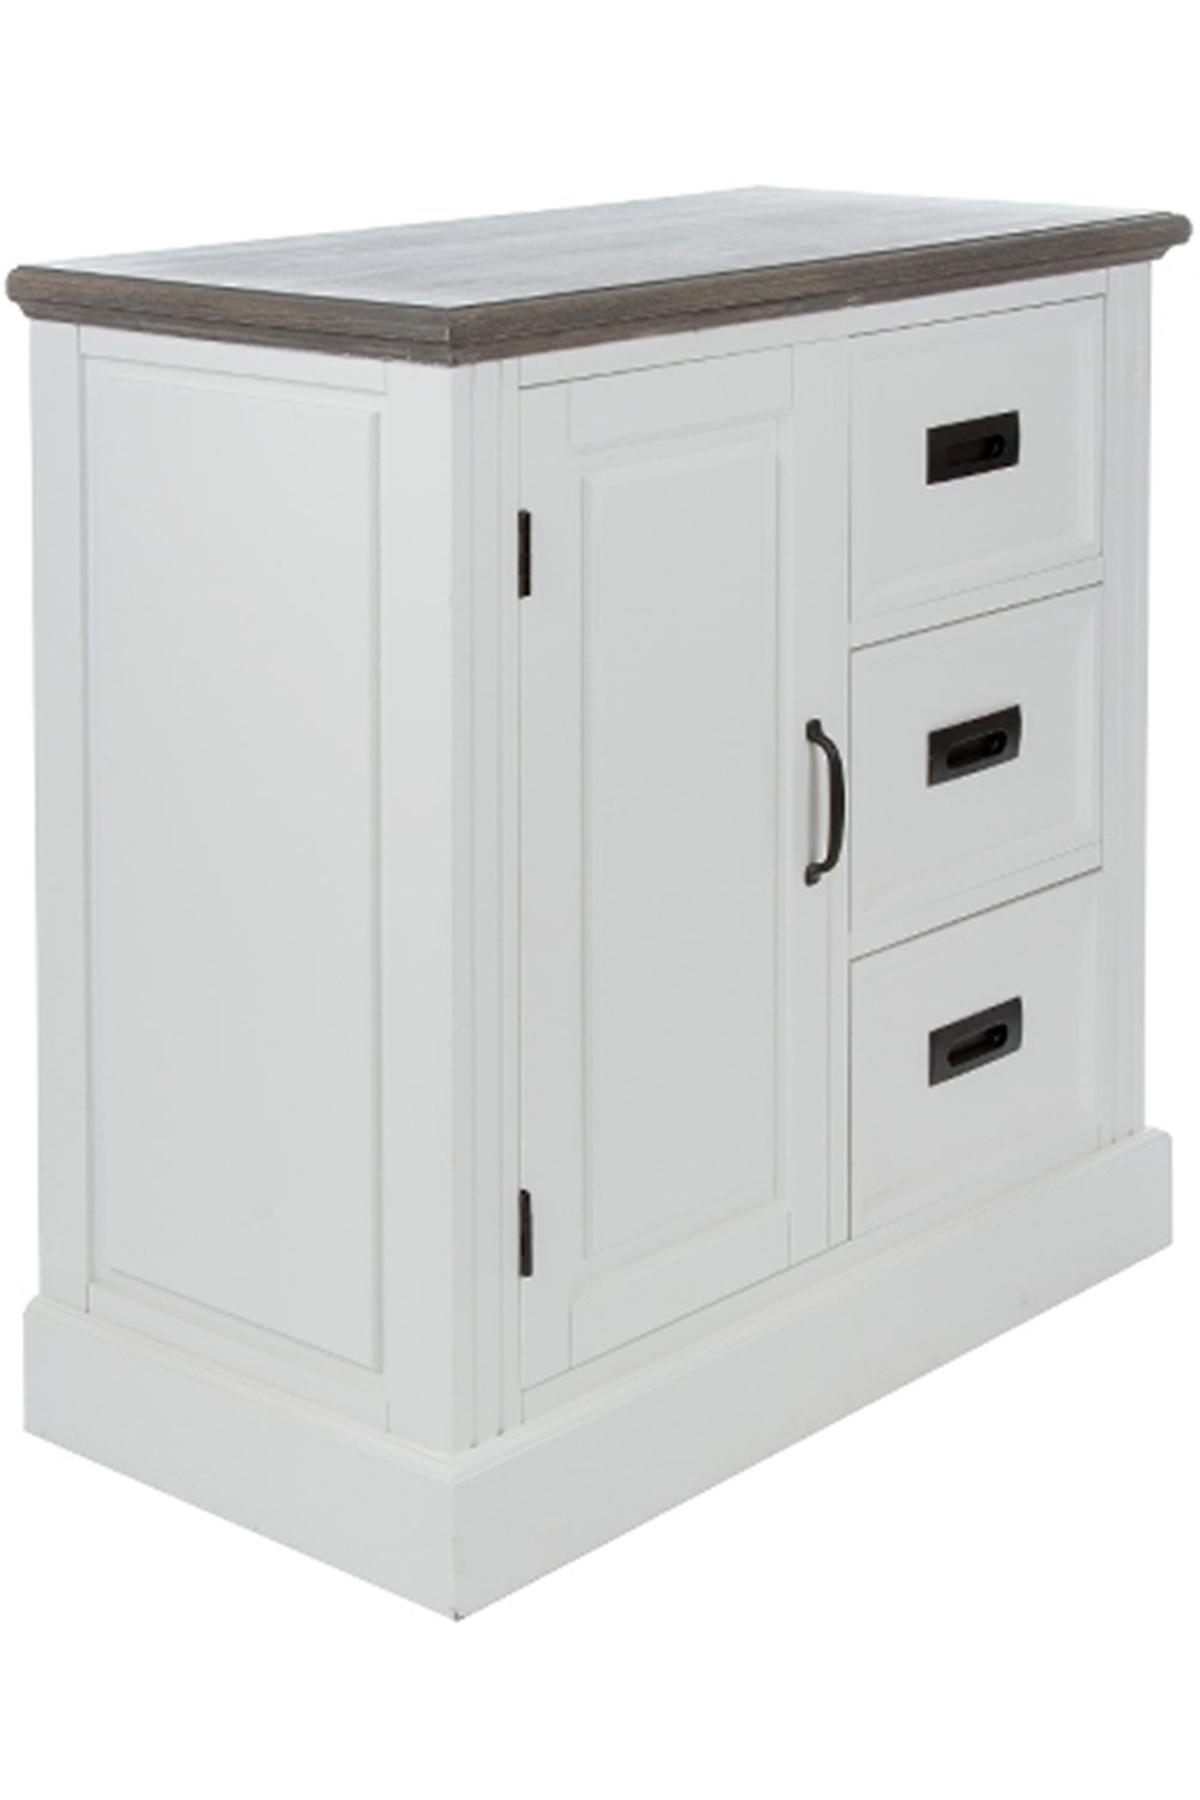 Kommode 3 Schubladen und Tür weiß braun Schrank | elbmöbel